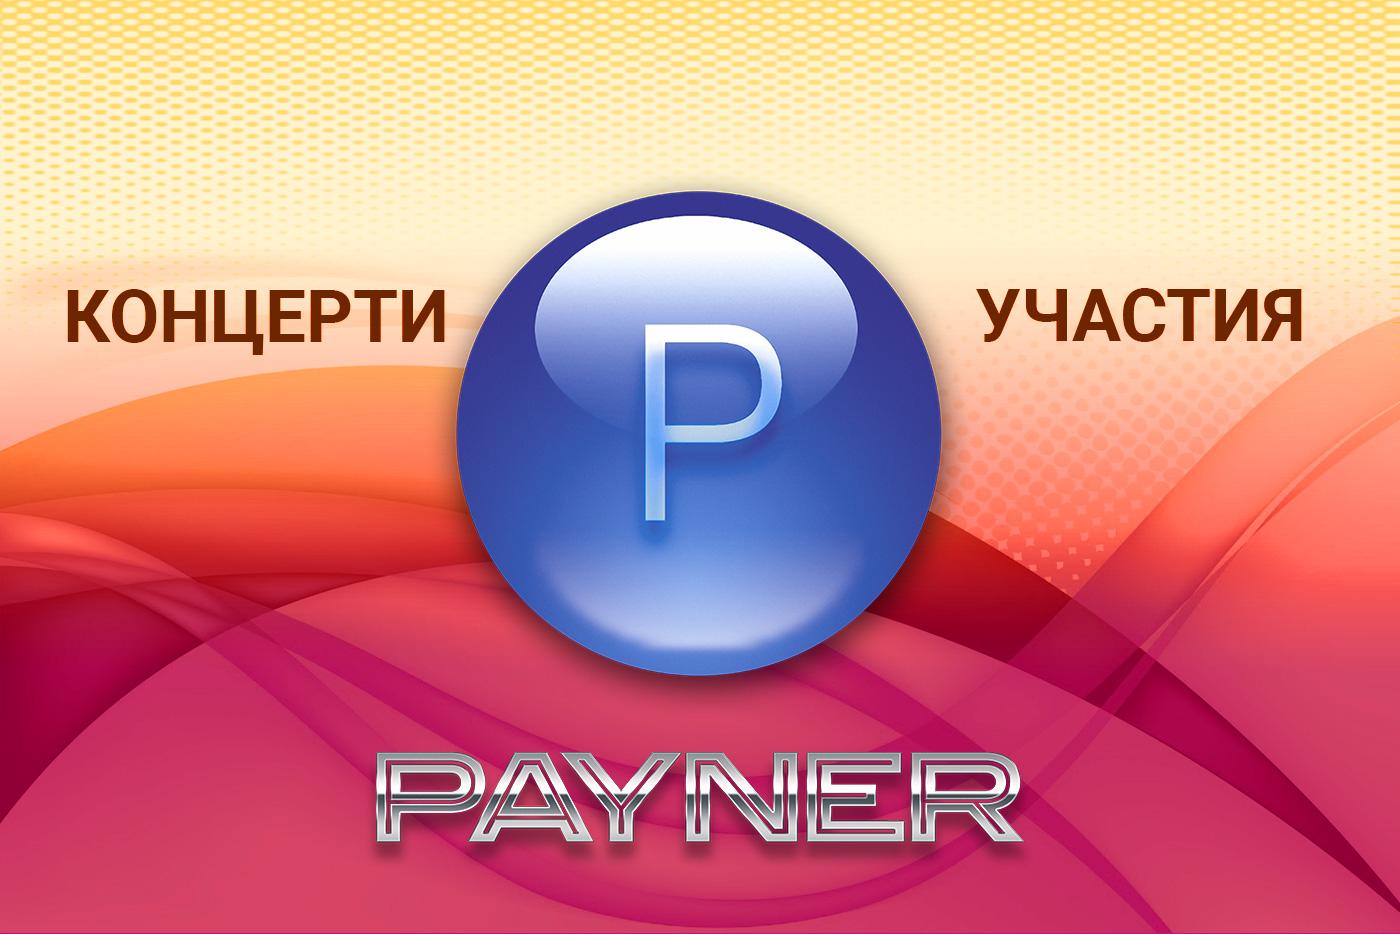 """Участия на звездите на """"Пайнер"""" на 09.11.2019"""